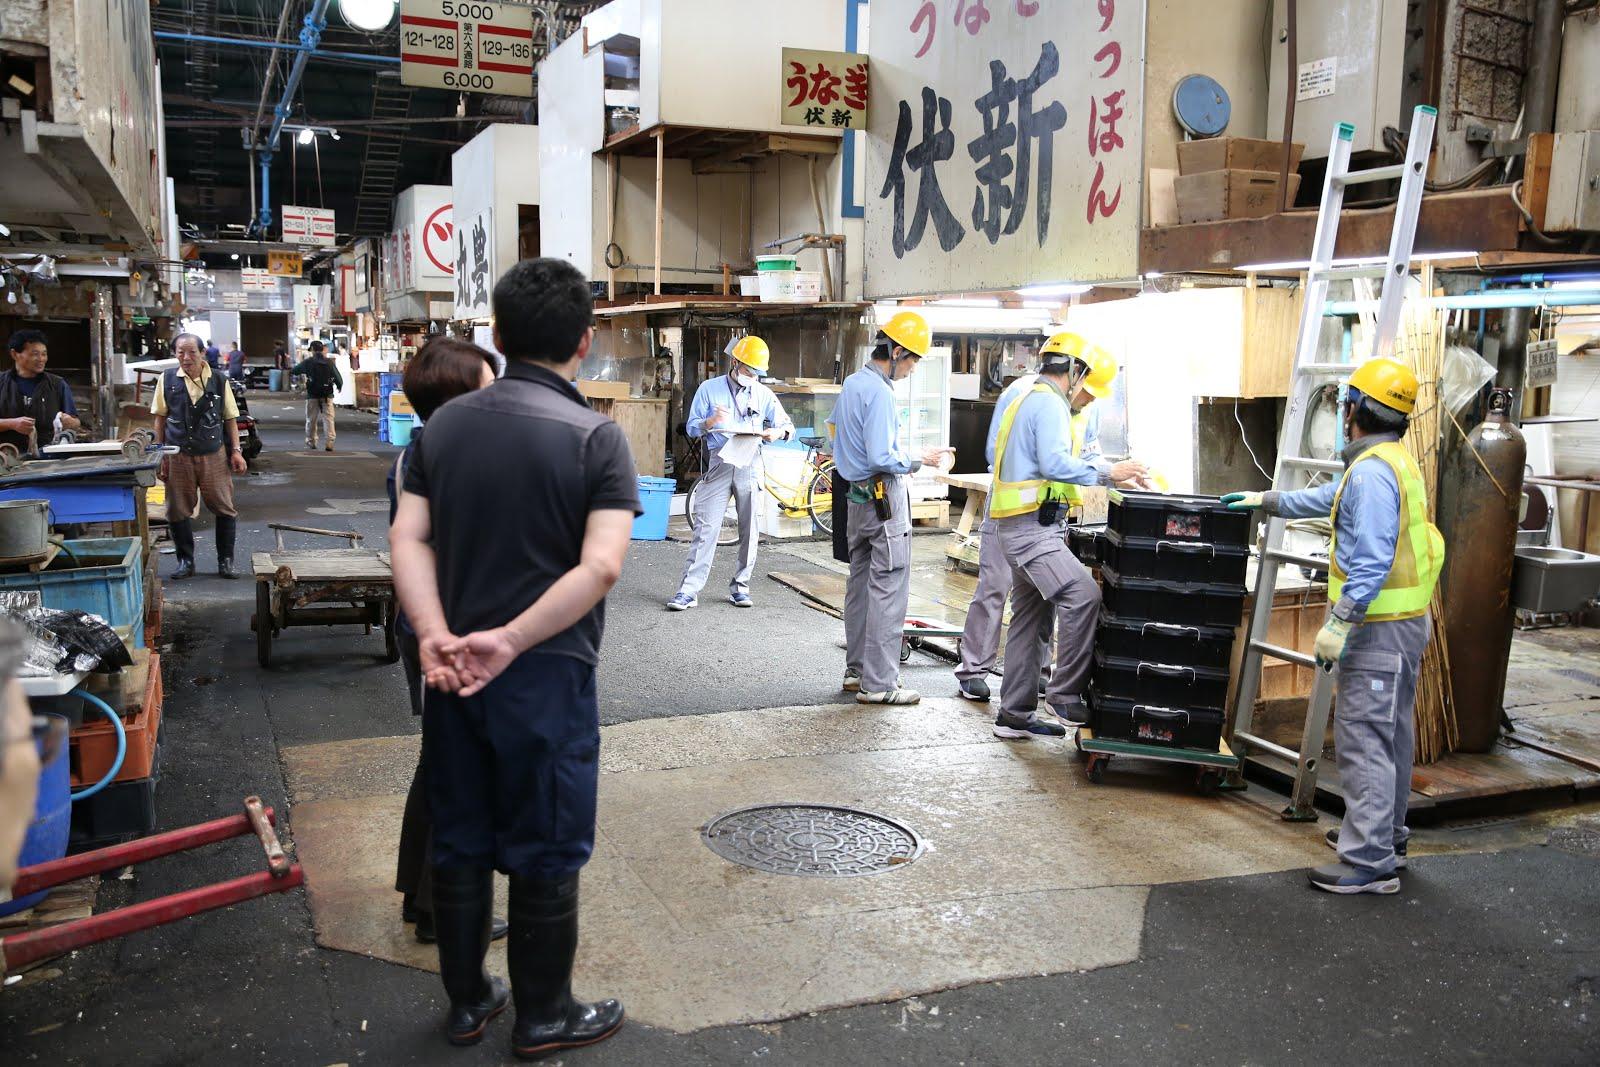 Tokyo Akan Merubah Lokasi Pasar Tsukiji Menjadi Sebuah Pusat Konferensi Dan Transportasi